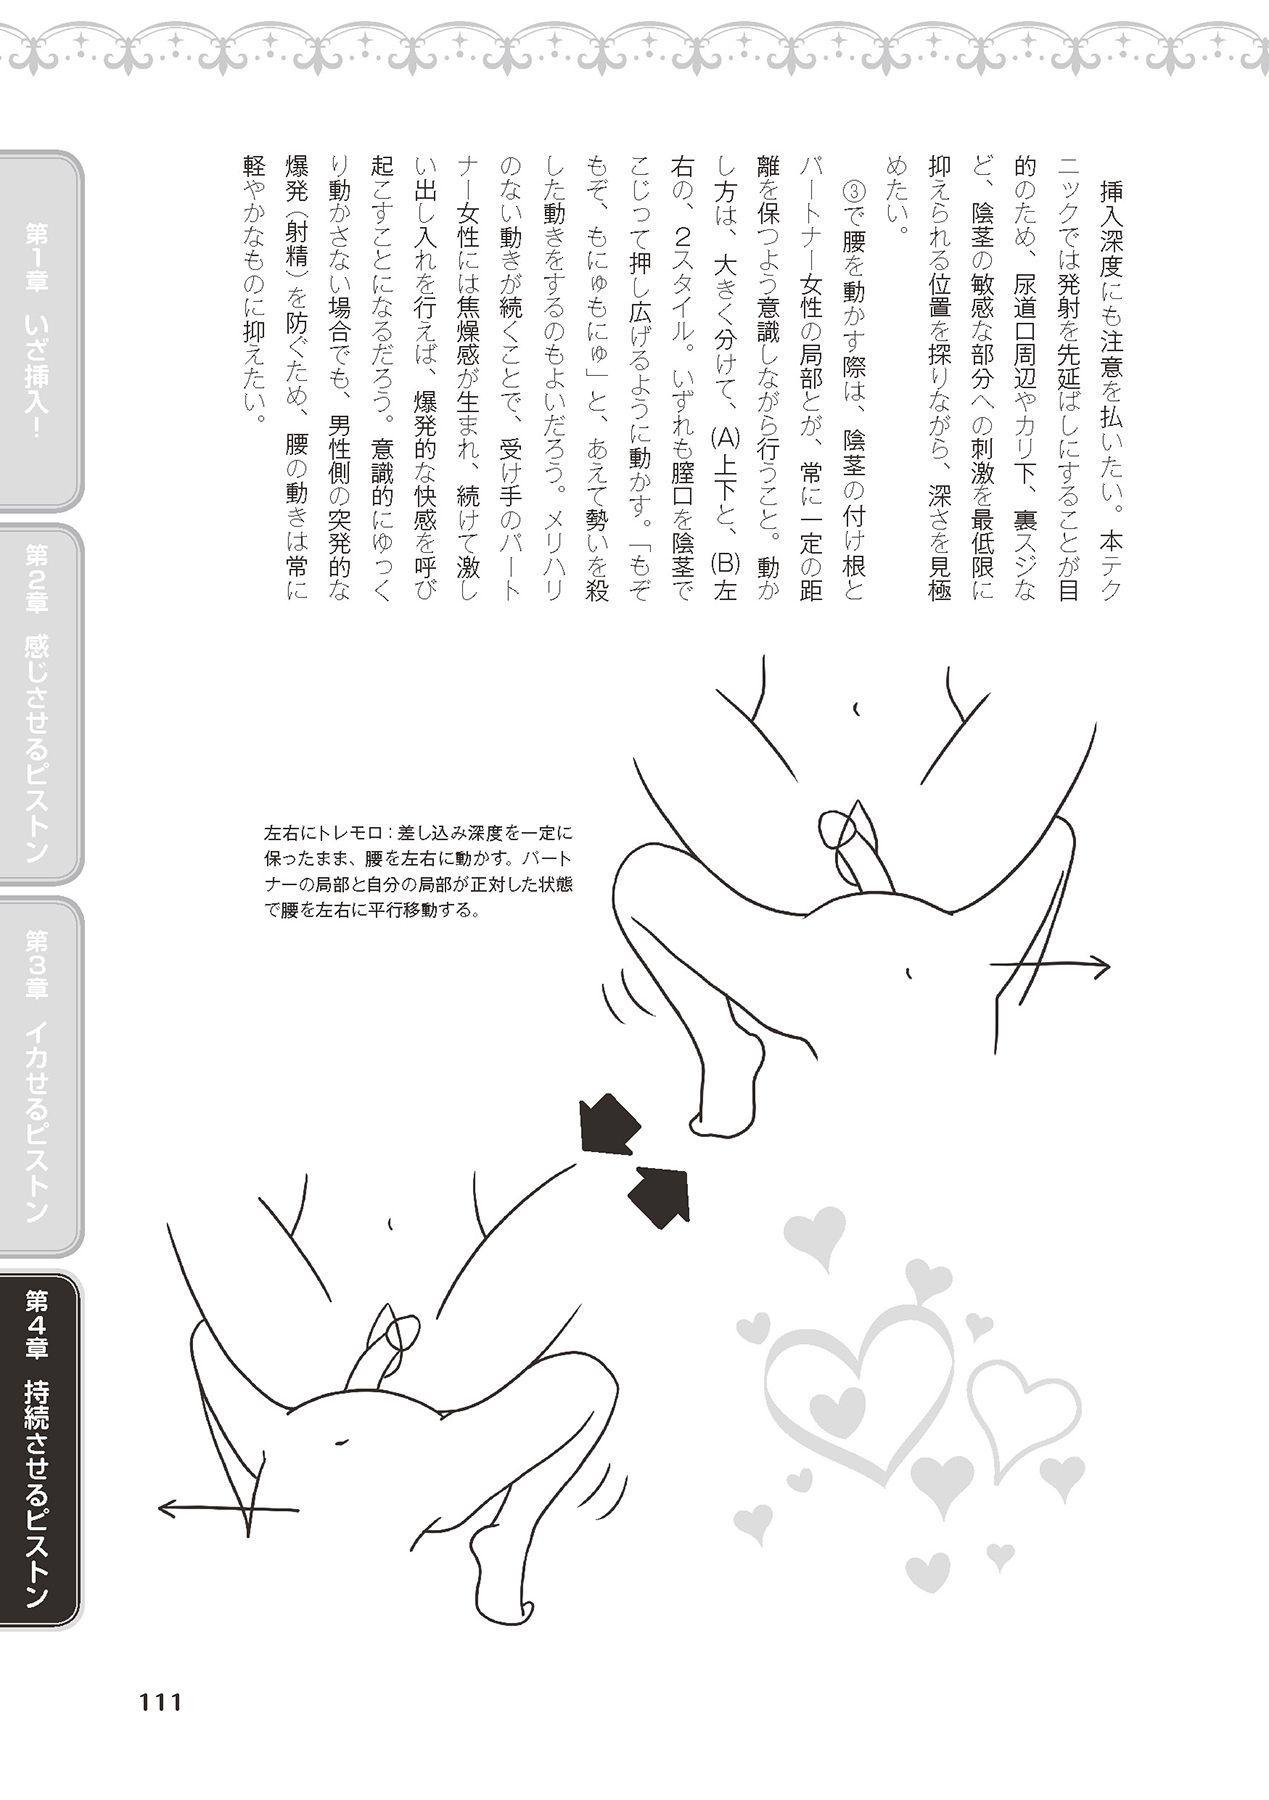 膣挿入&ピストン運動完全マニュアル イラスト版……ピスとんッ! 112